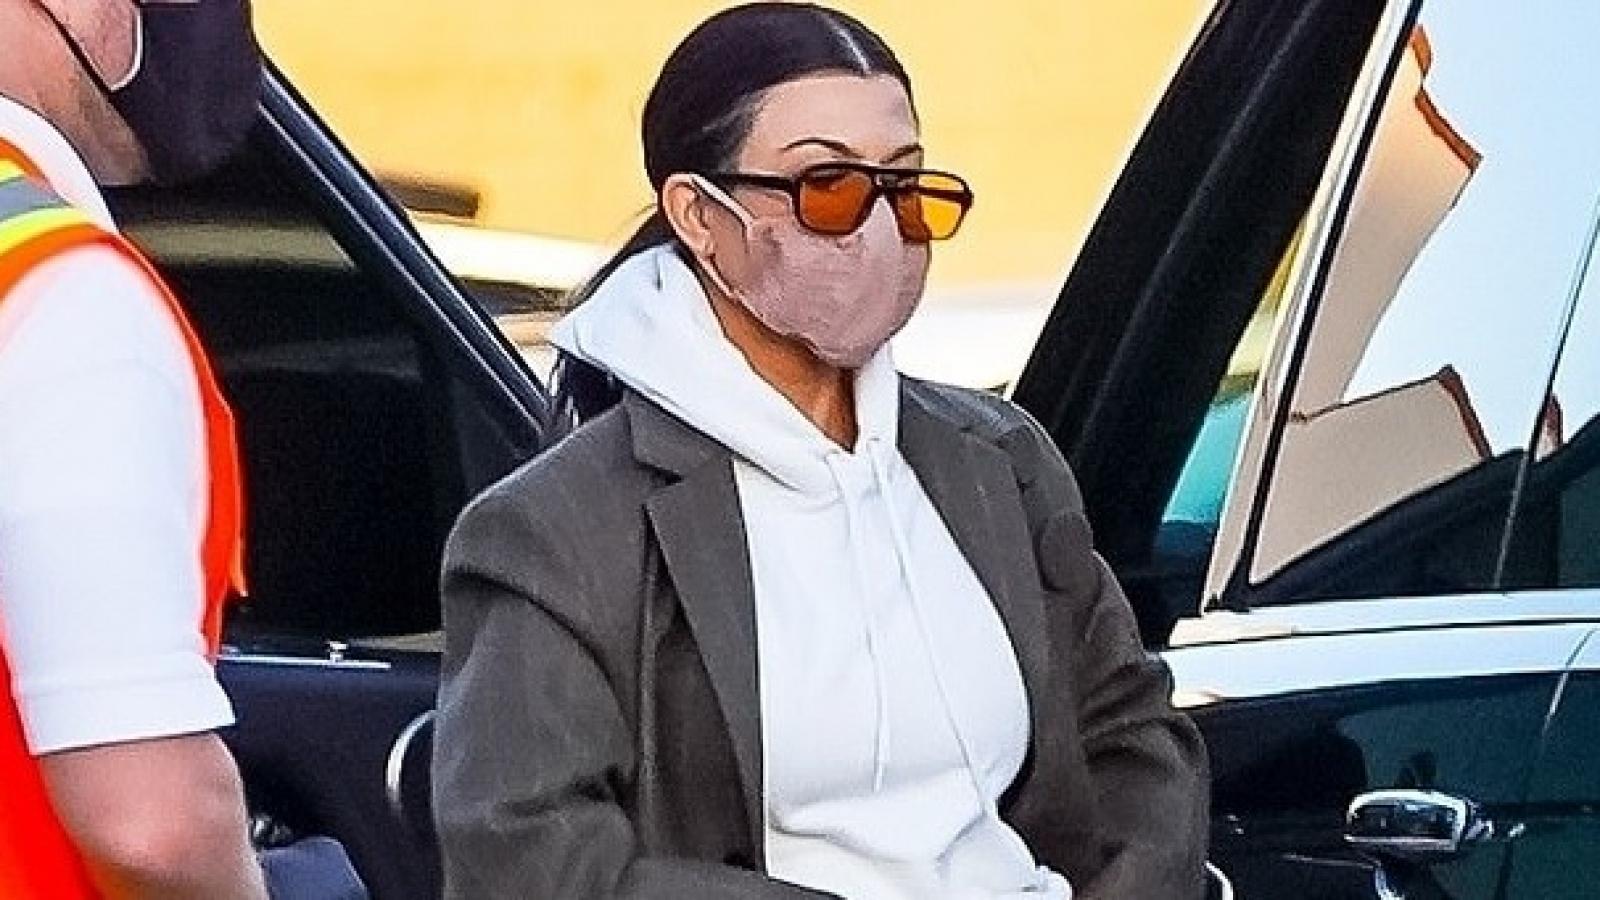 Kourtney Kardashian giản dị đưa con trai cưng đi chơi lúc tối muộn